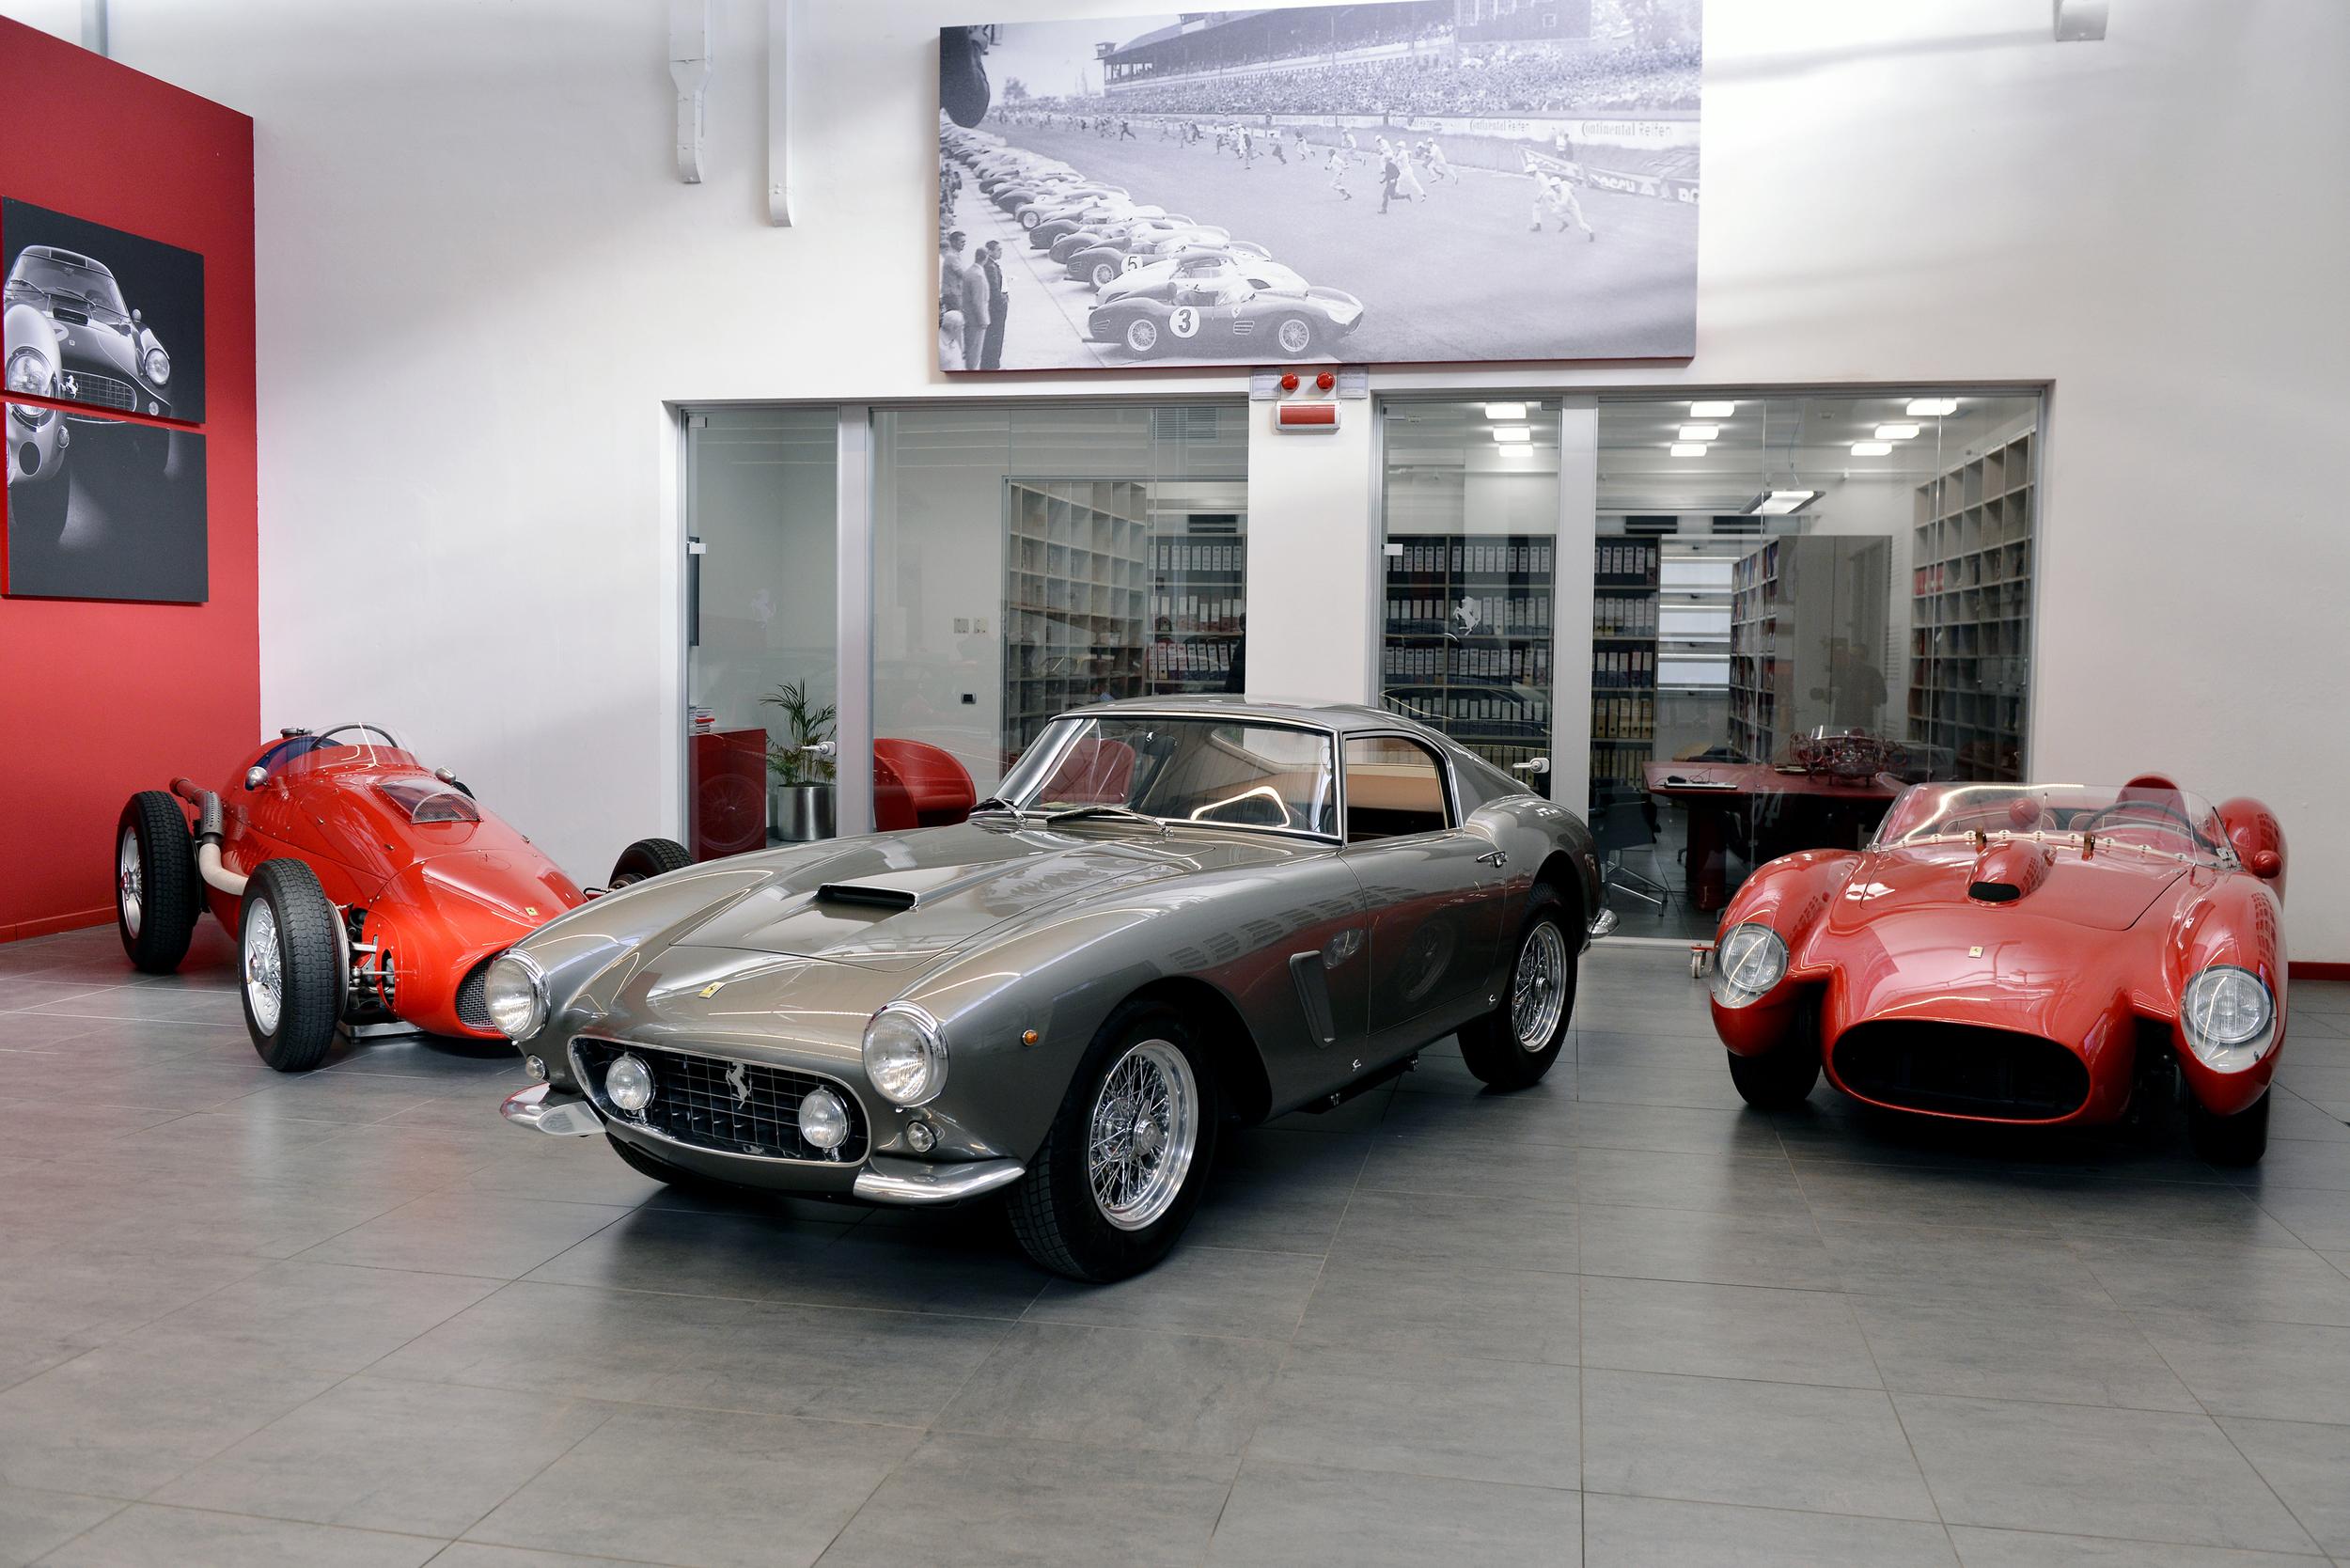 Ferrari 250 GT Resored By Ferrari Classiche 5